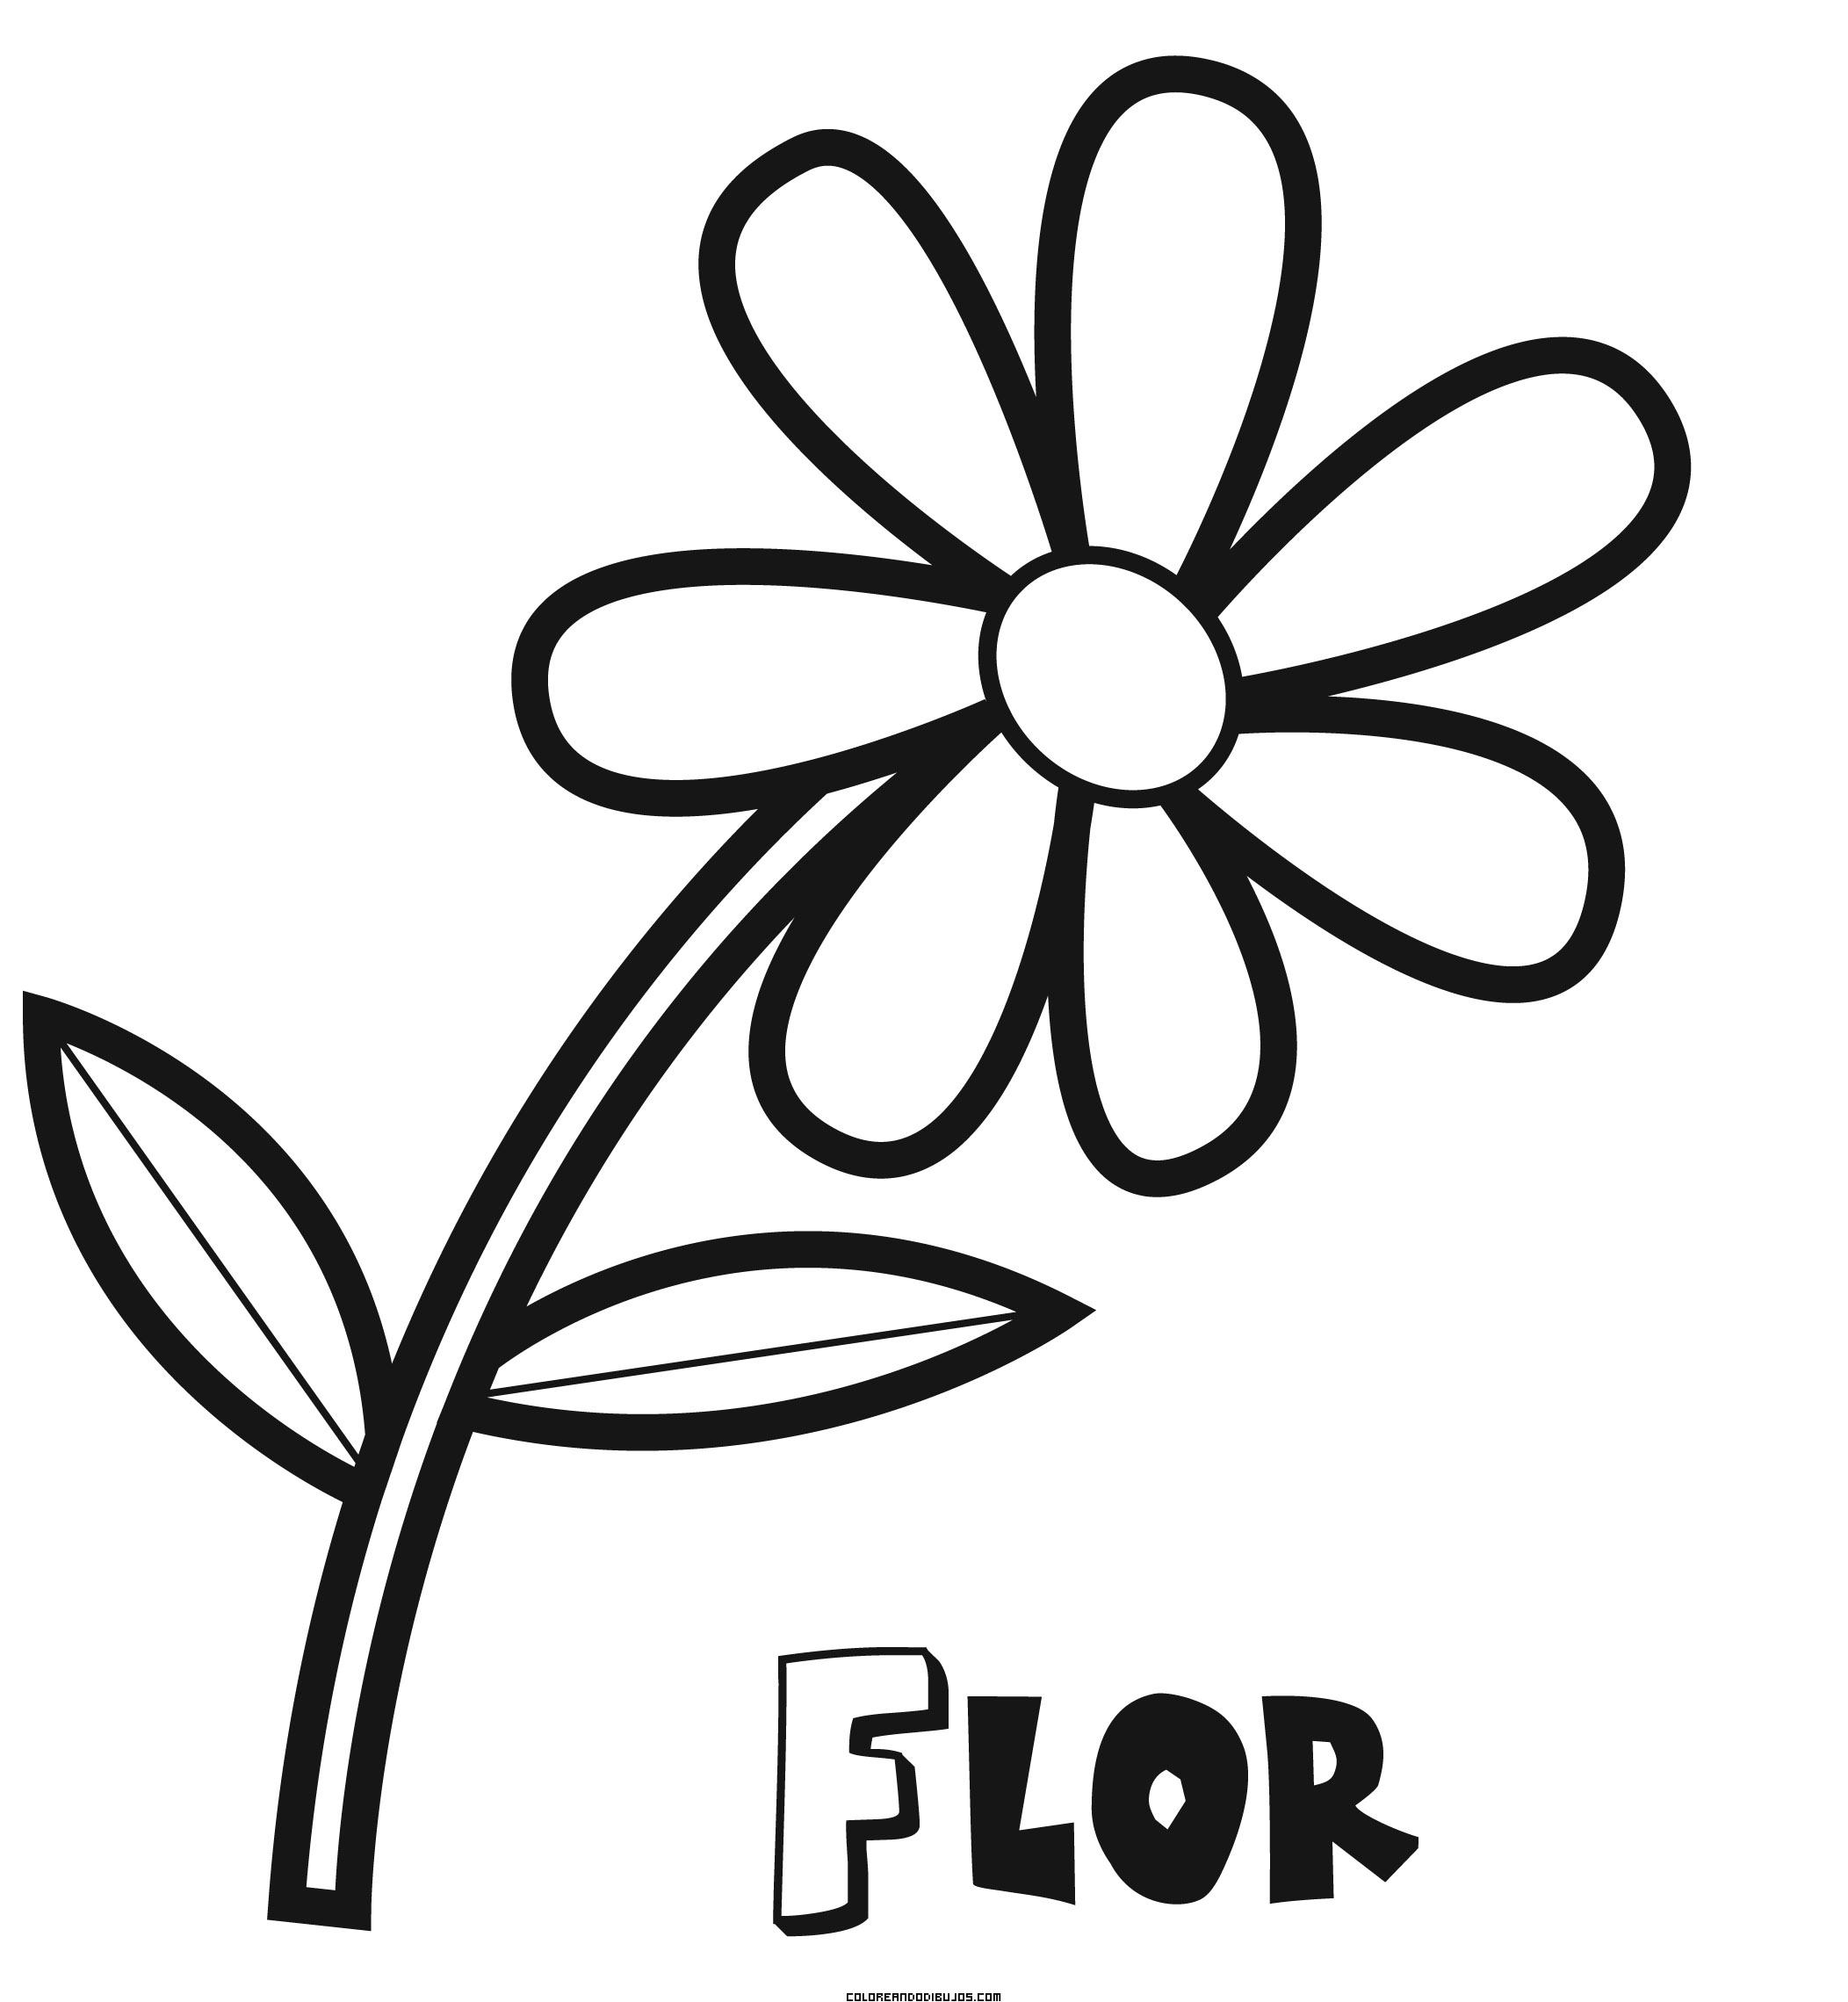 Dibujo de una sencilla flor for Dibujo de una piedra para colorear